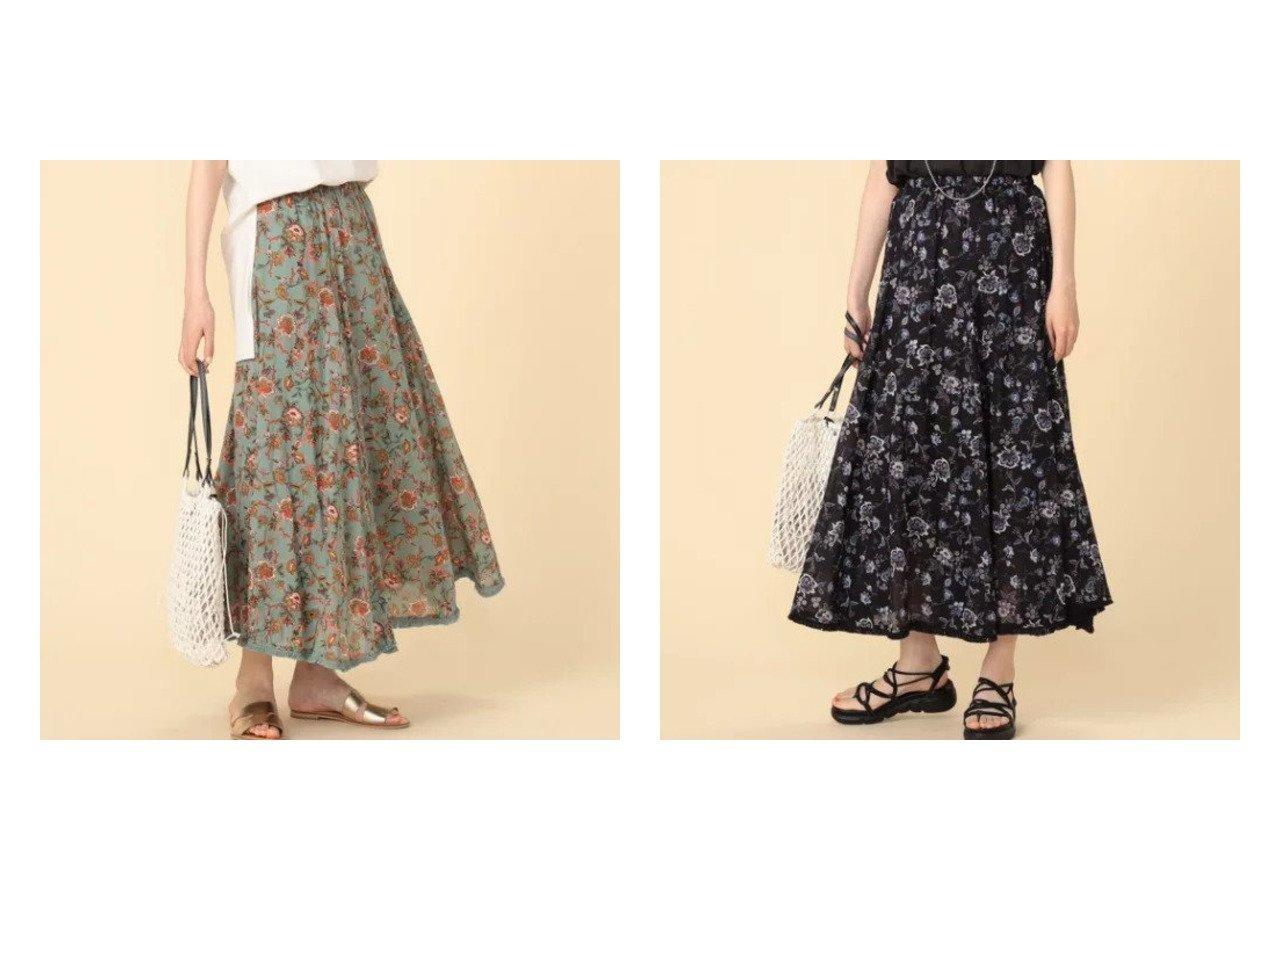 【NOLLEY'S/ノーリーズ】のフラワープリントロングスカート 【スカート】おすすめ!人気、トレンド・レディースファッションの通販 おすすめで人気の流行・トレンド、ファッションの通販商品 インテリア・家具・メンズファッション・キッズファッション・レディースファッション・服の通販 founy(ファニー) https://founy.com/ ファッション Fashion レディースファッション WOMEN スカート Skirt ロングスカート Long Skirt ギャザー バランス プリント マキシ ロング  ID:crp329100000048117